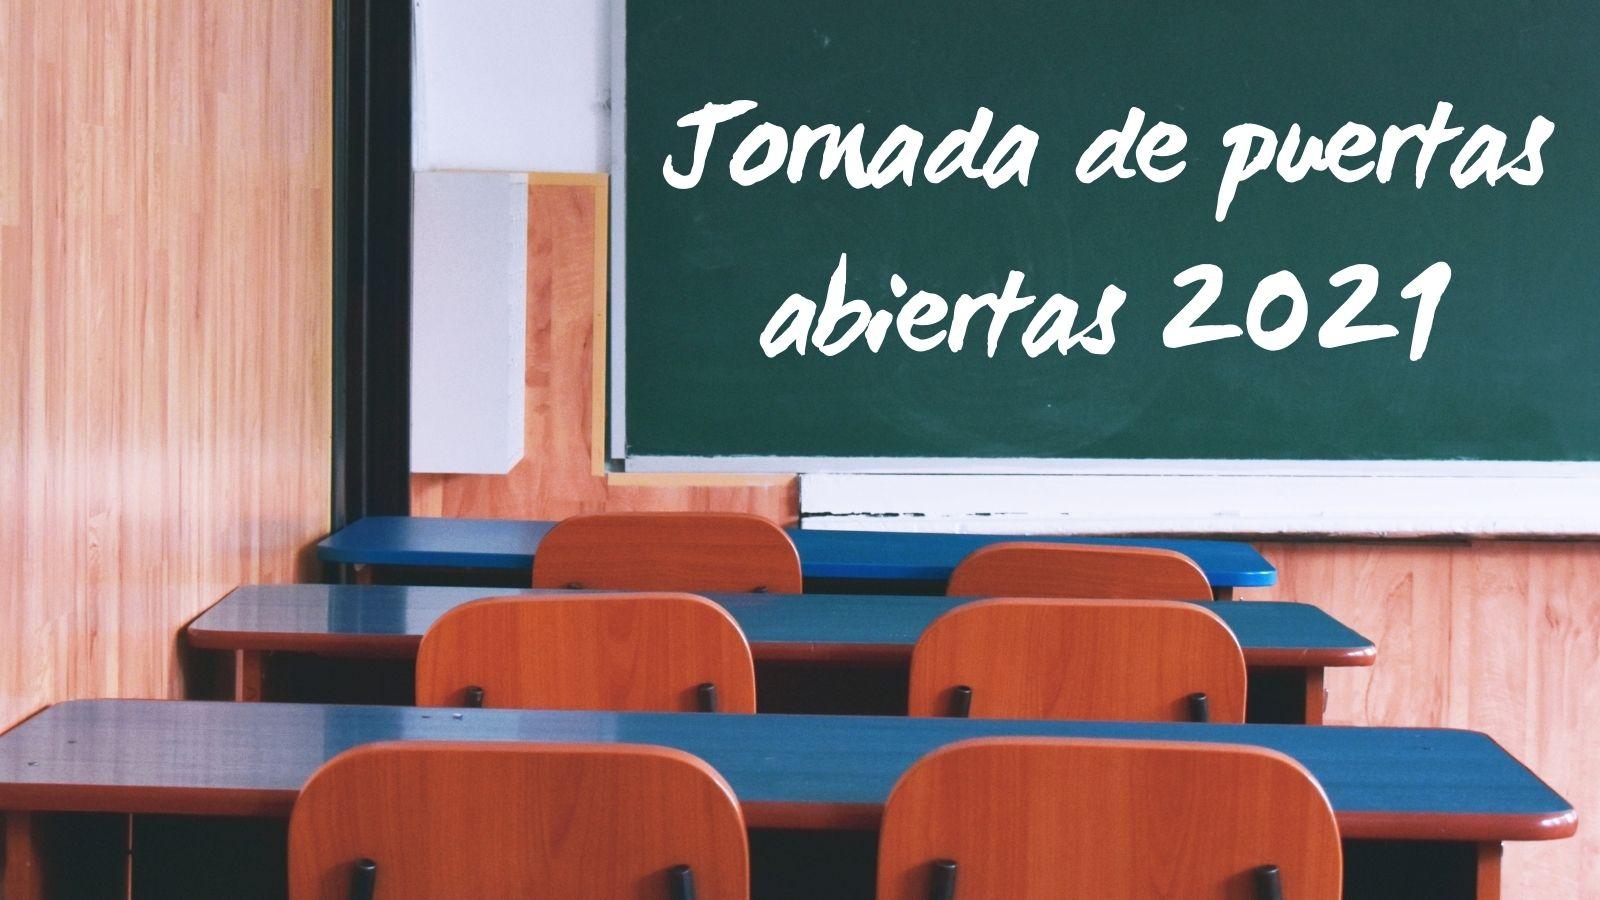 Jornada de puertas abiertas de los centros educativos